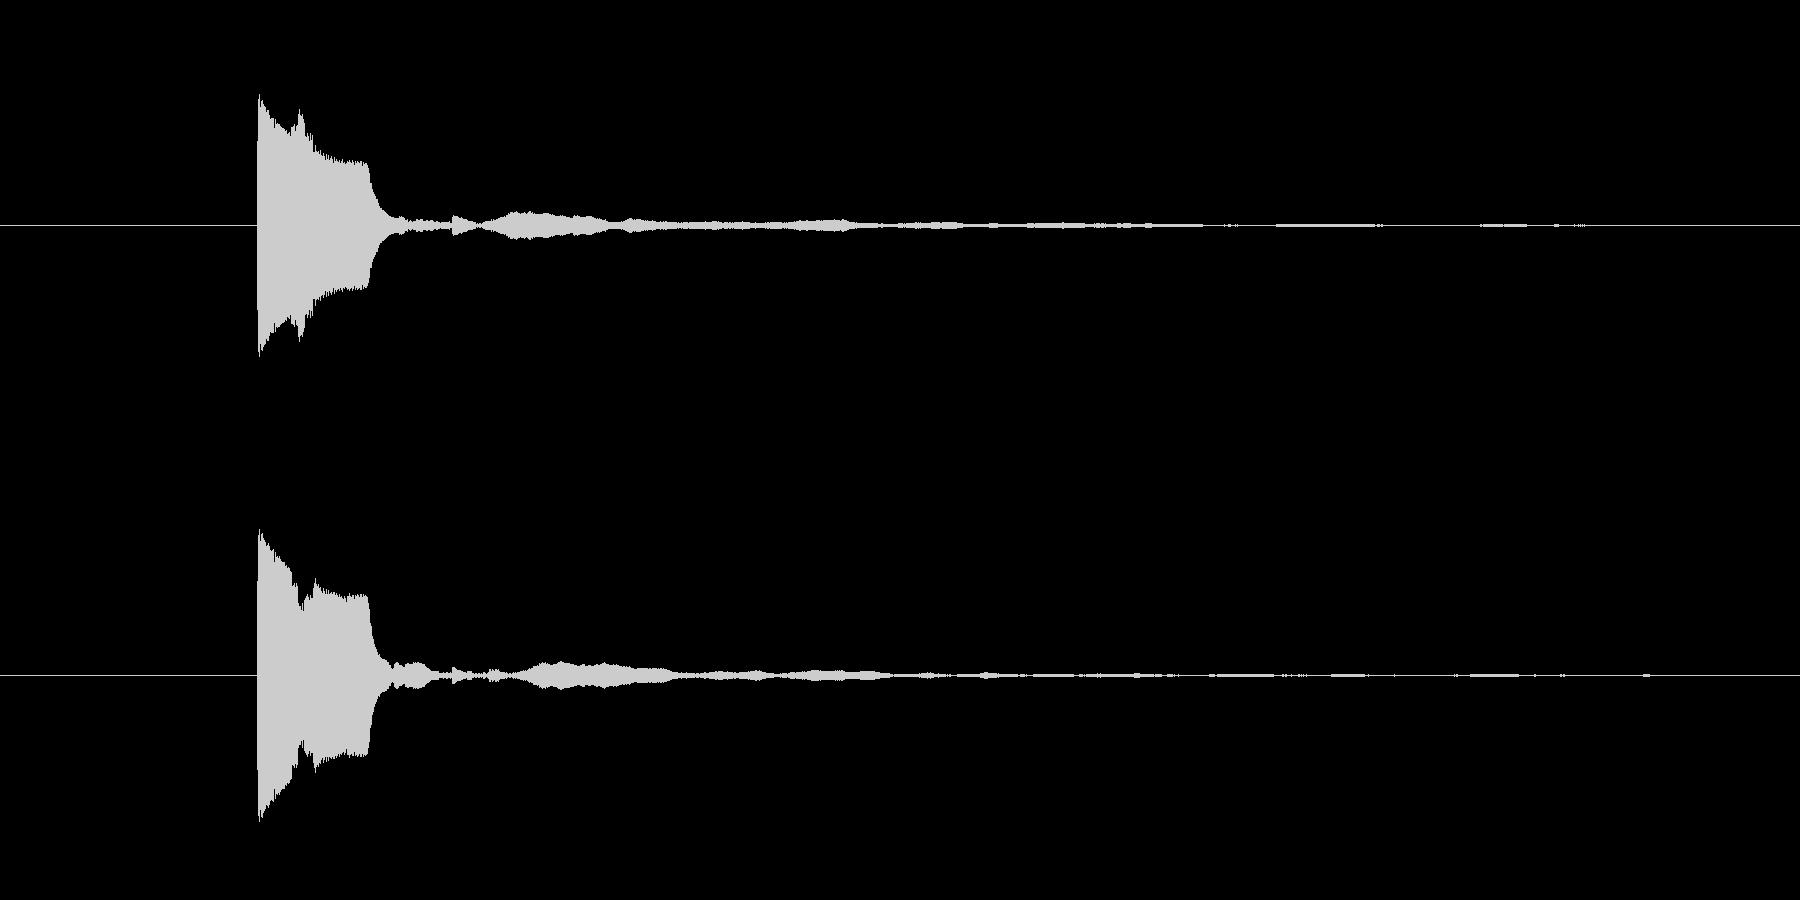 「ピッ」という明るいボタン音の未再生の波形